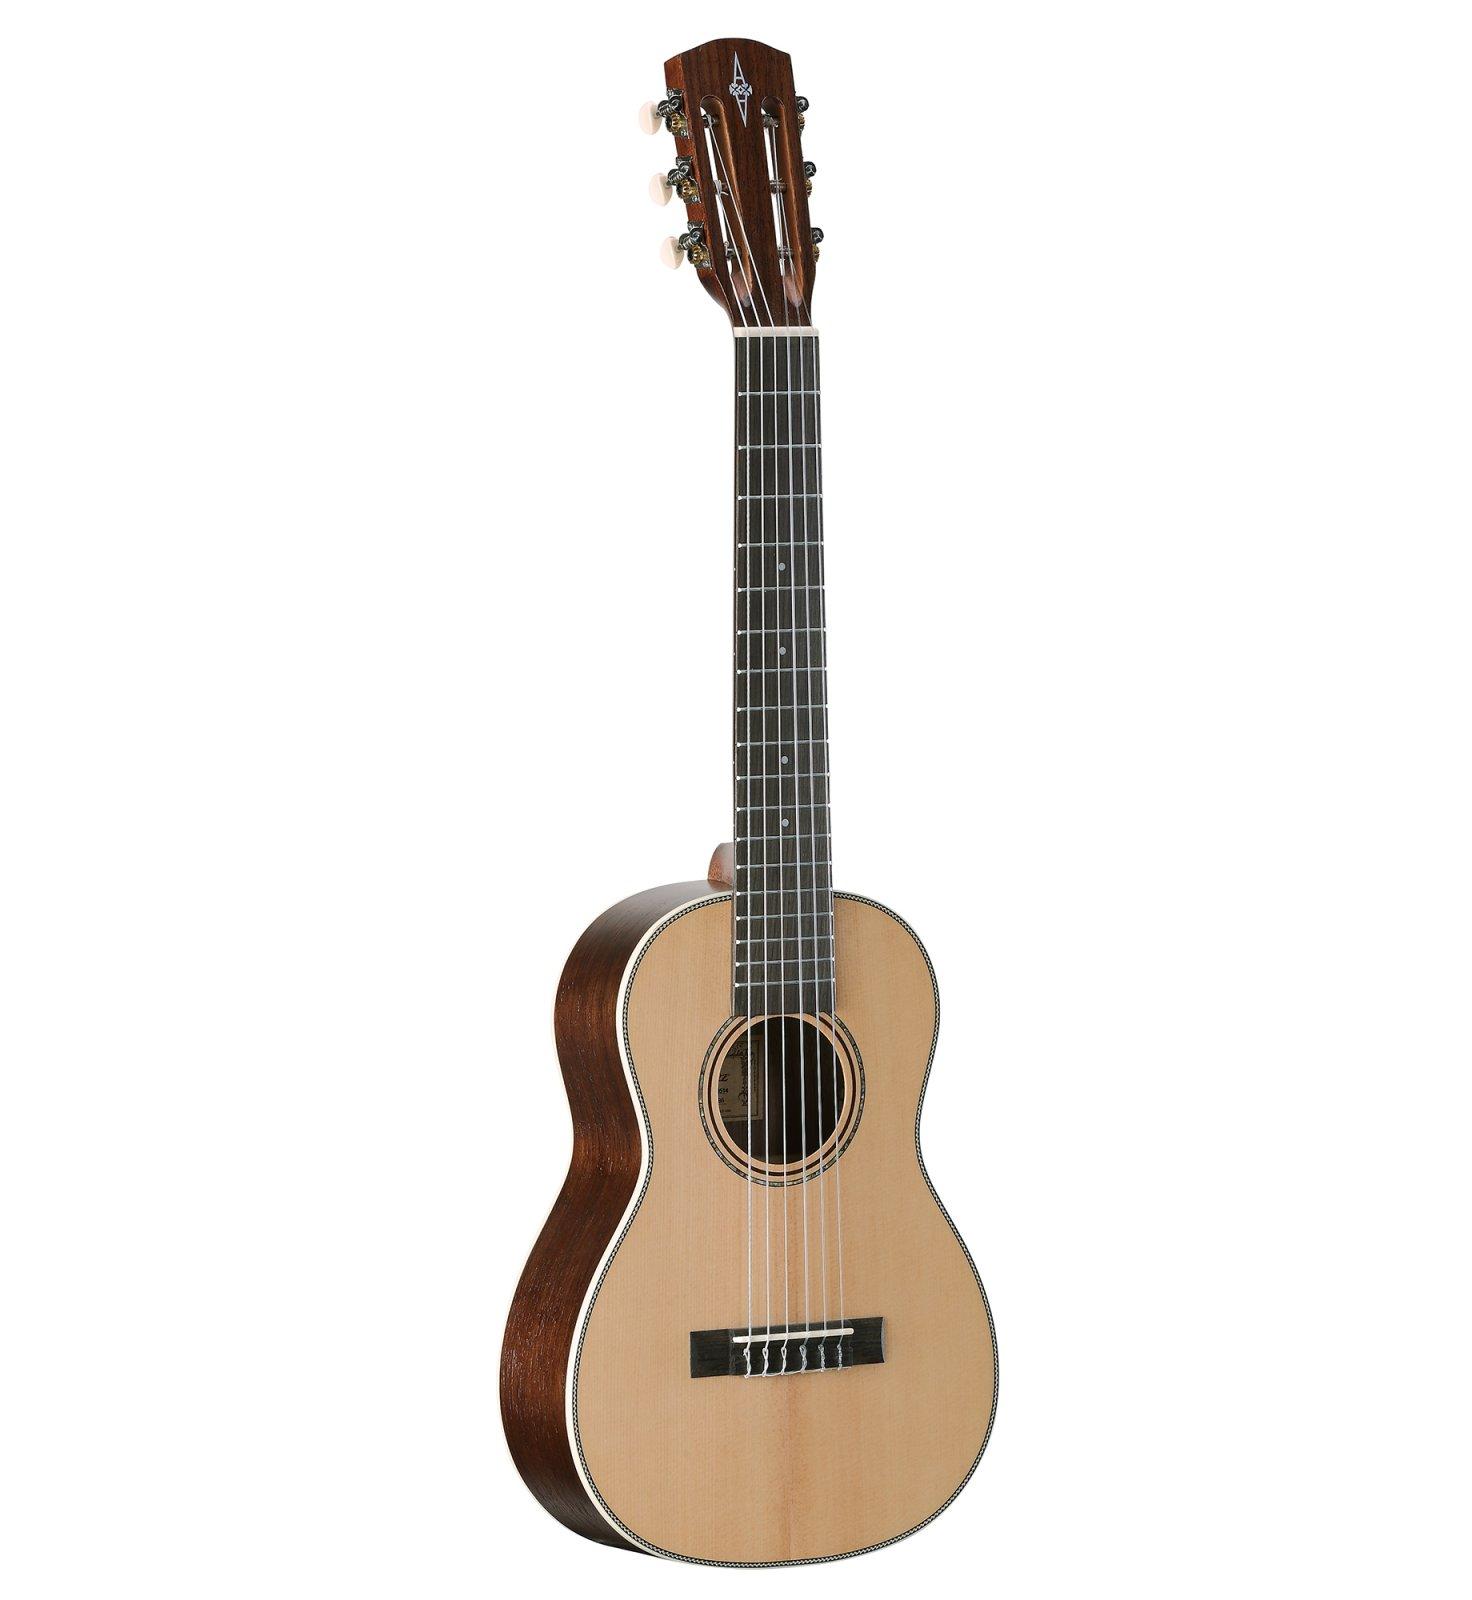 Alvarez AU70WB/6 Artist 6-String Ukulele sized travel guitar